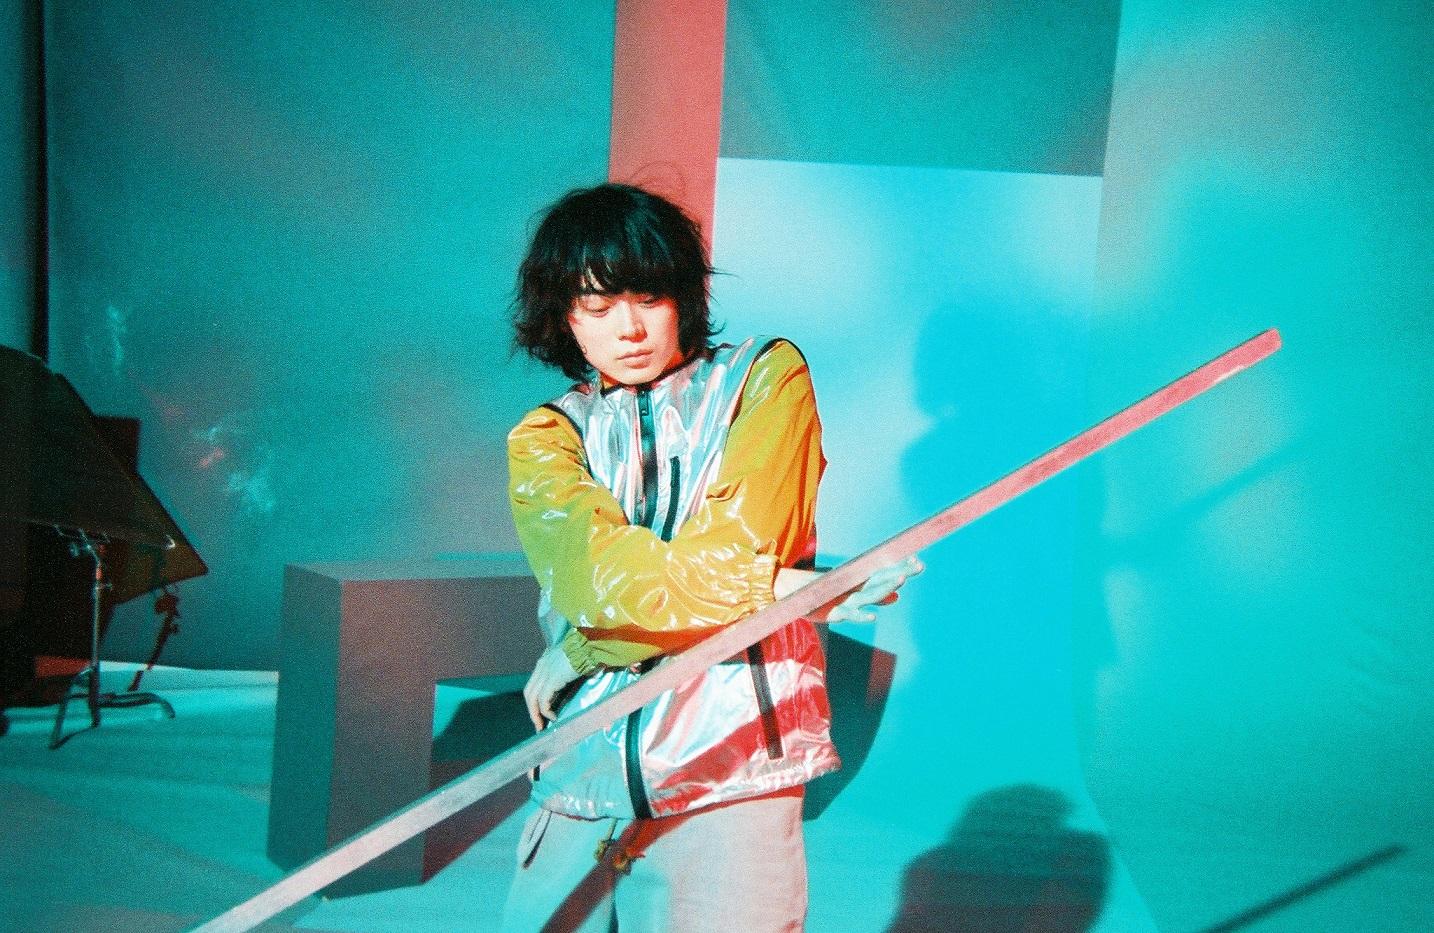 菅田将暉、三四郎・相田との共演に「ごっつ嫌」「こわいわ」と心境吐露